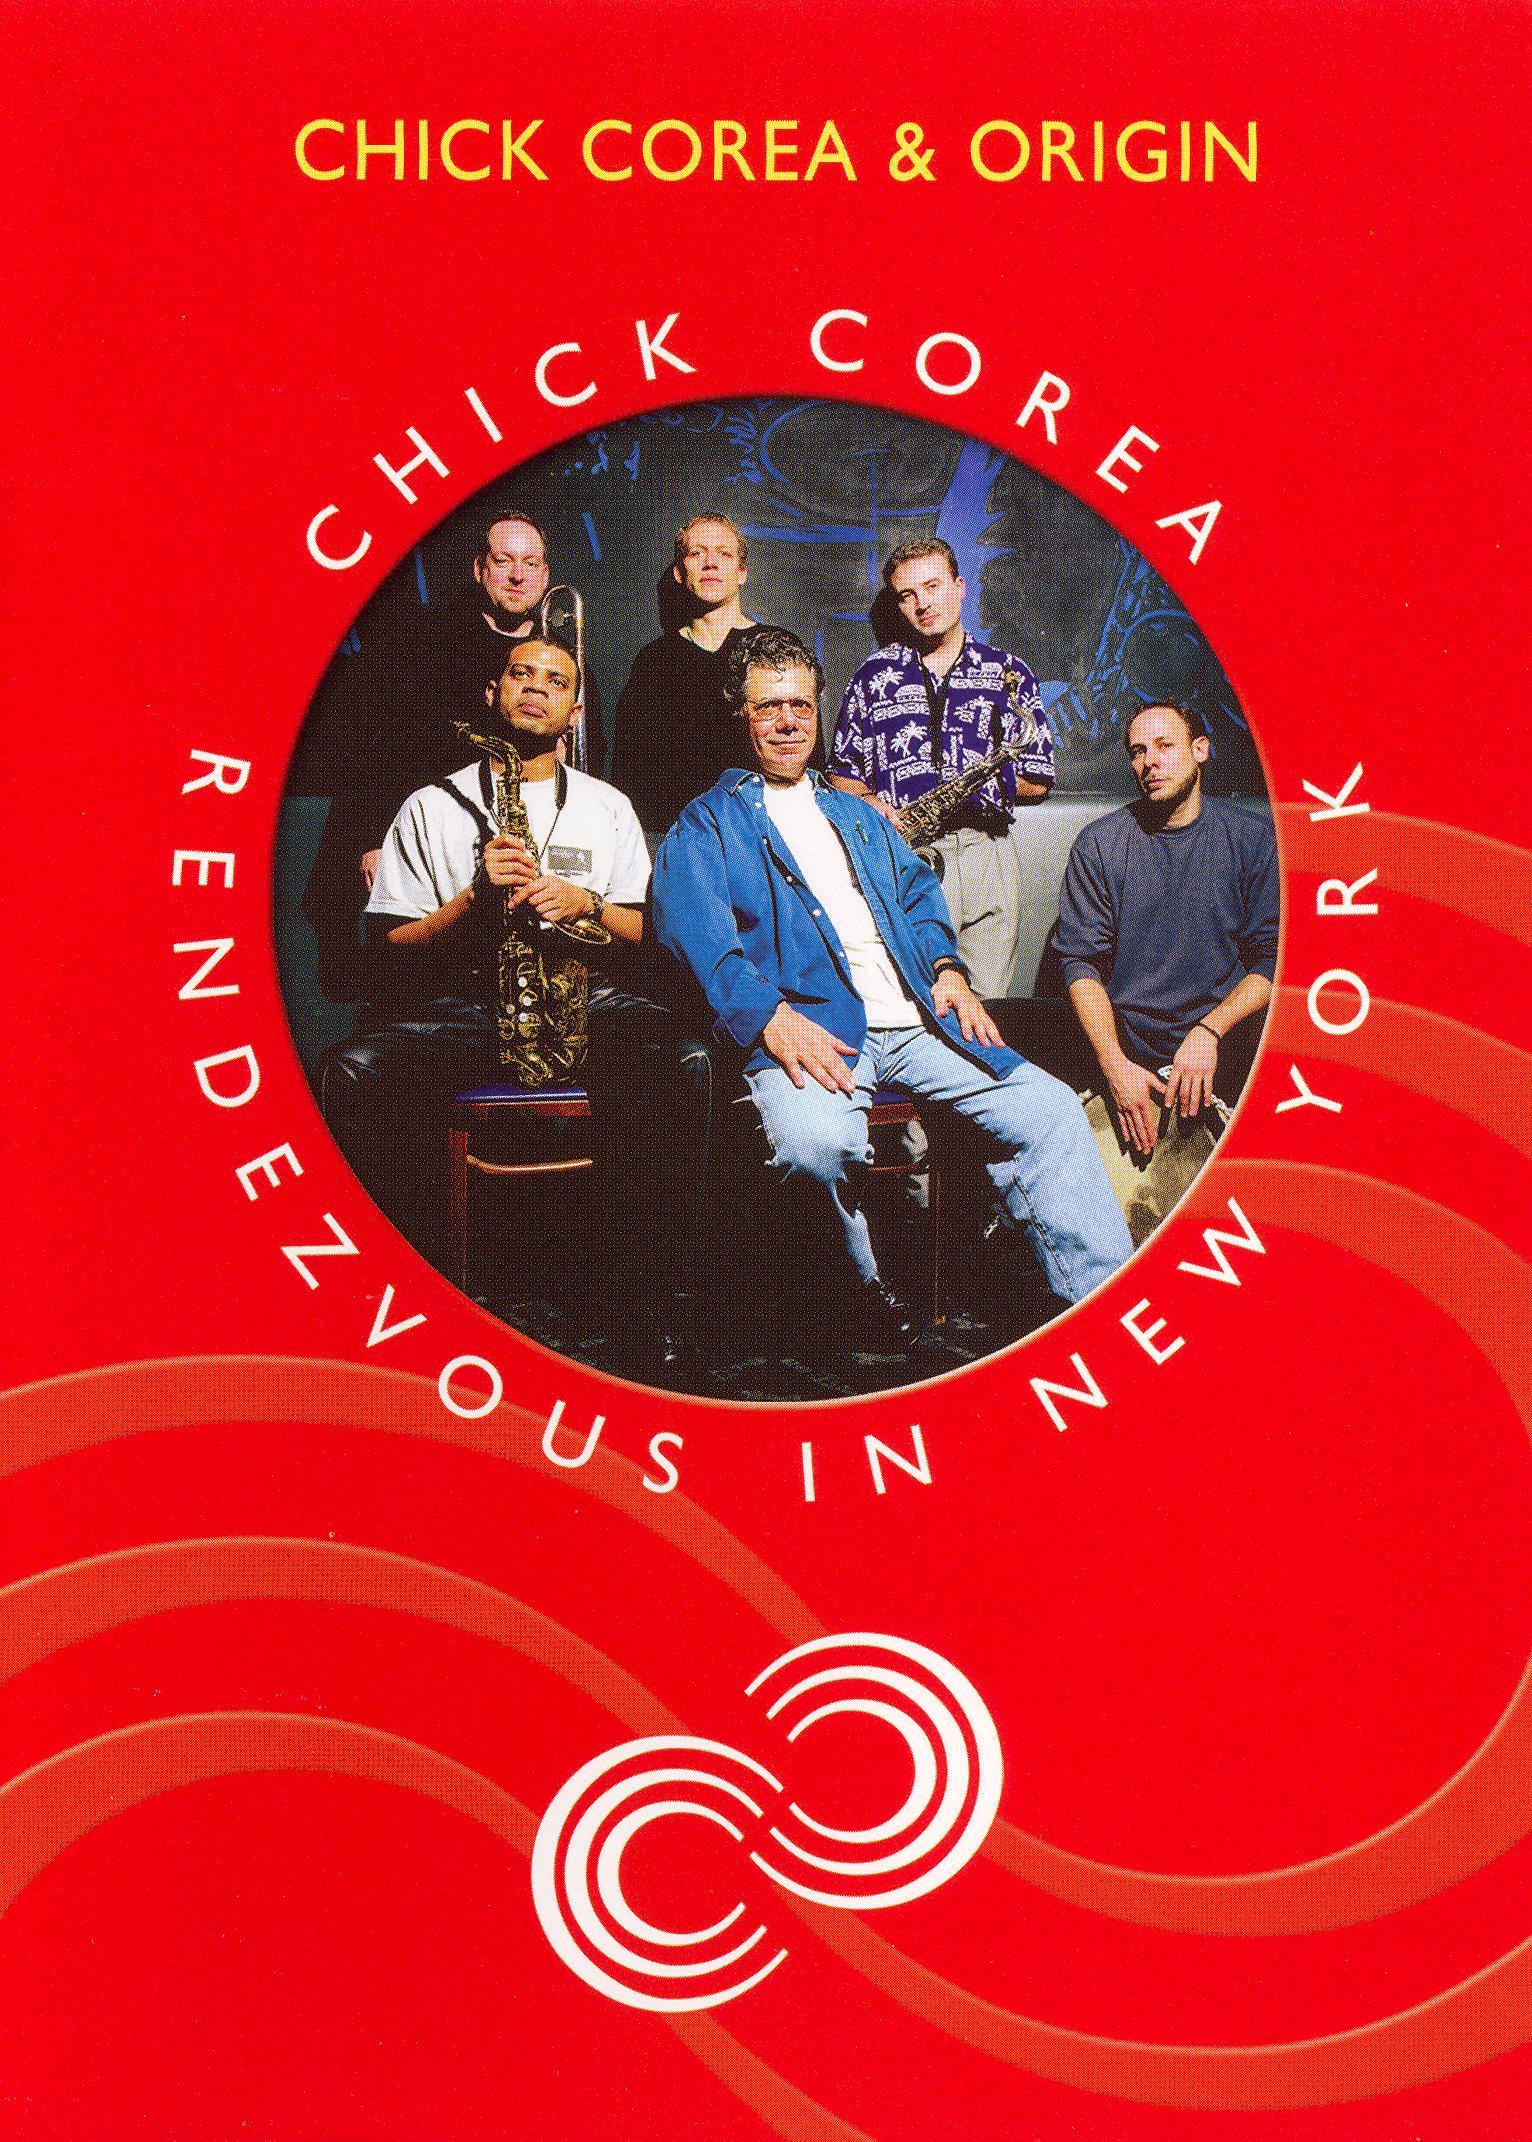 Chick Corea: Rendezvous in New York - Chick Corea & Origin